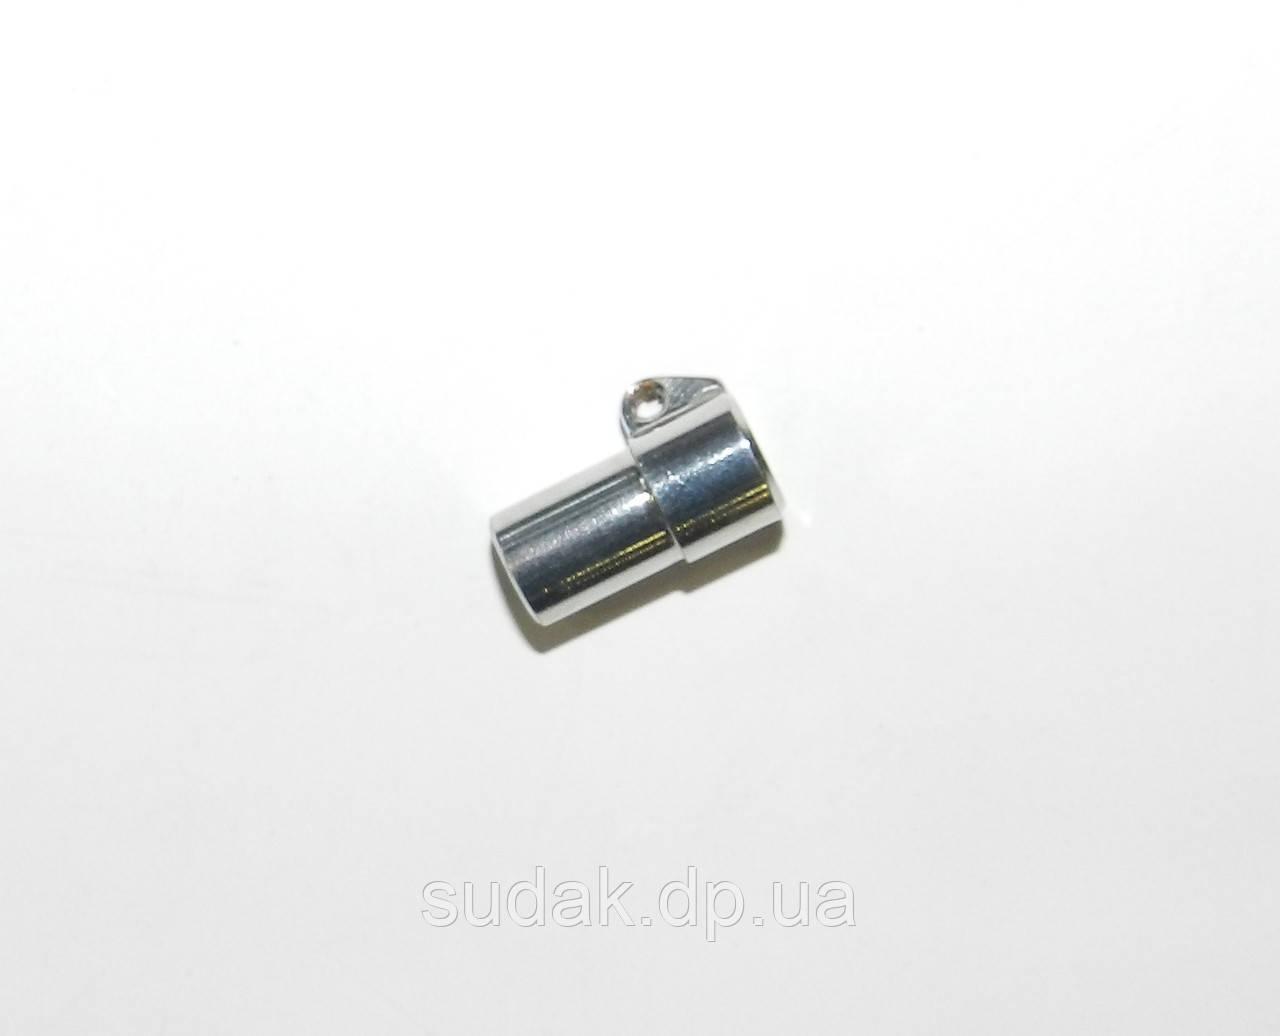 Скользящая втулка 7 мм